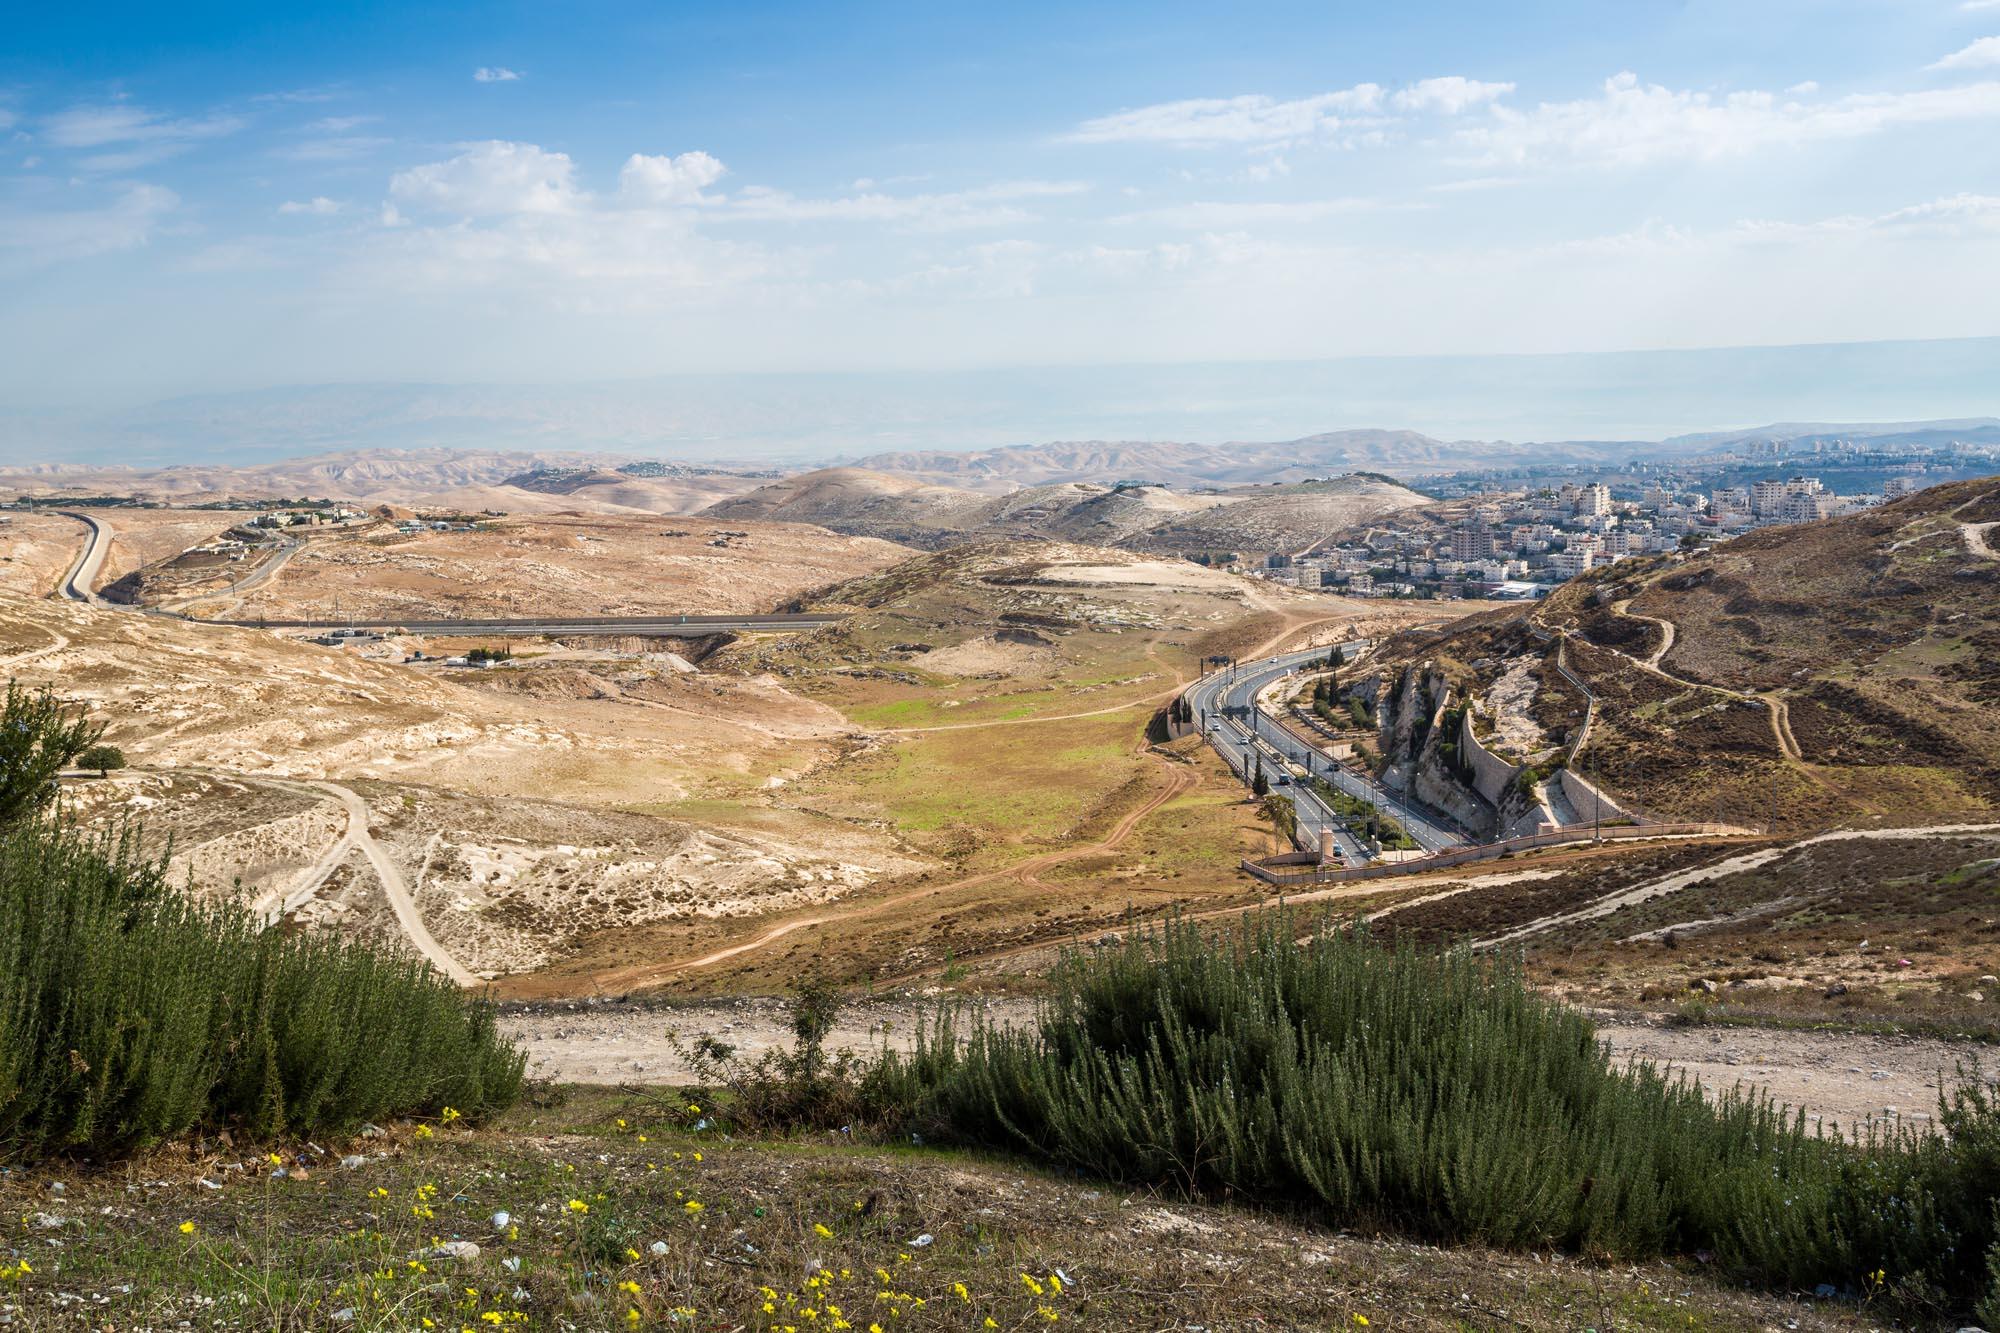 Wilderness Of Judah, Israel